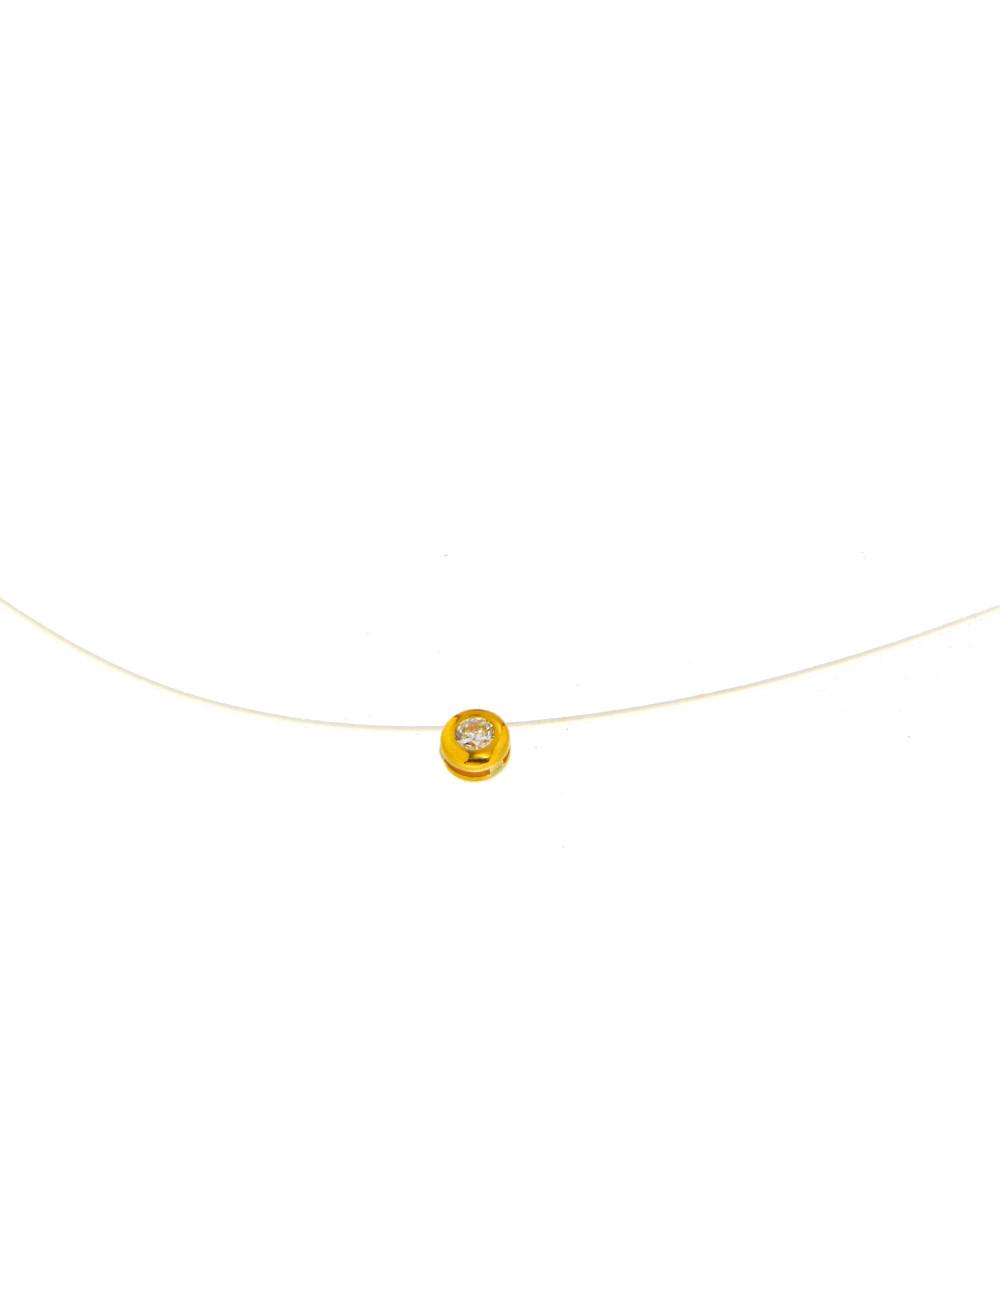 Collier femme 9 carats bijoux